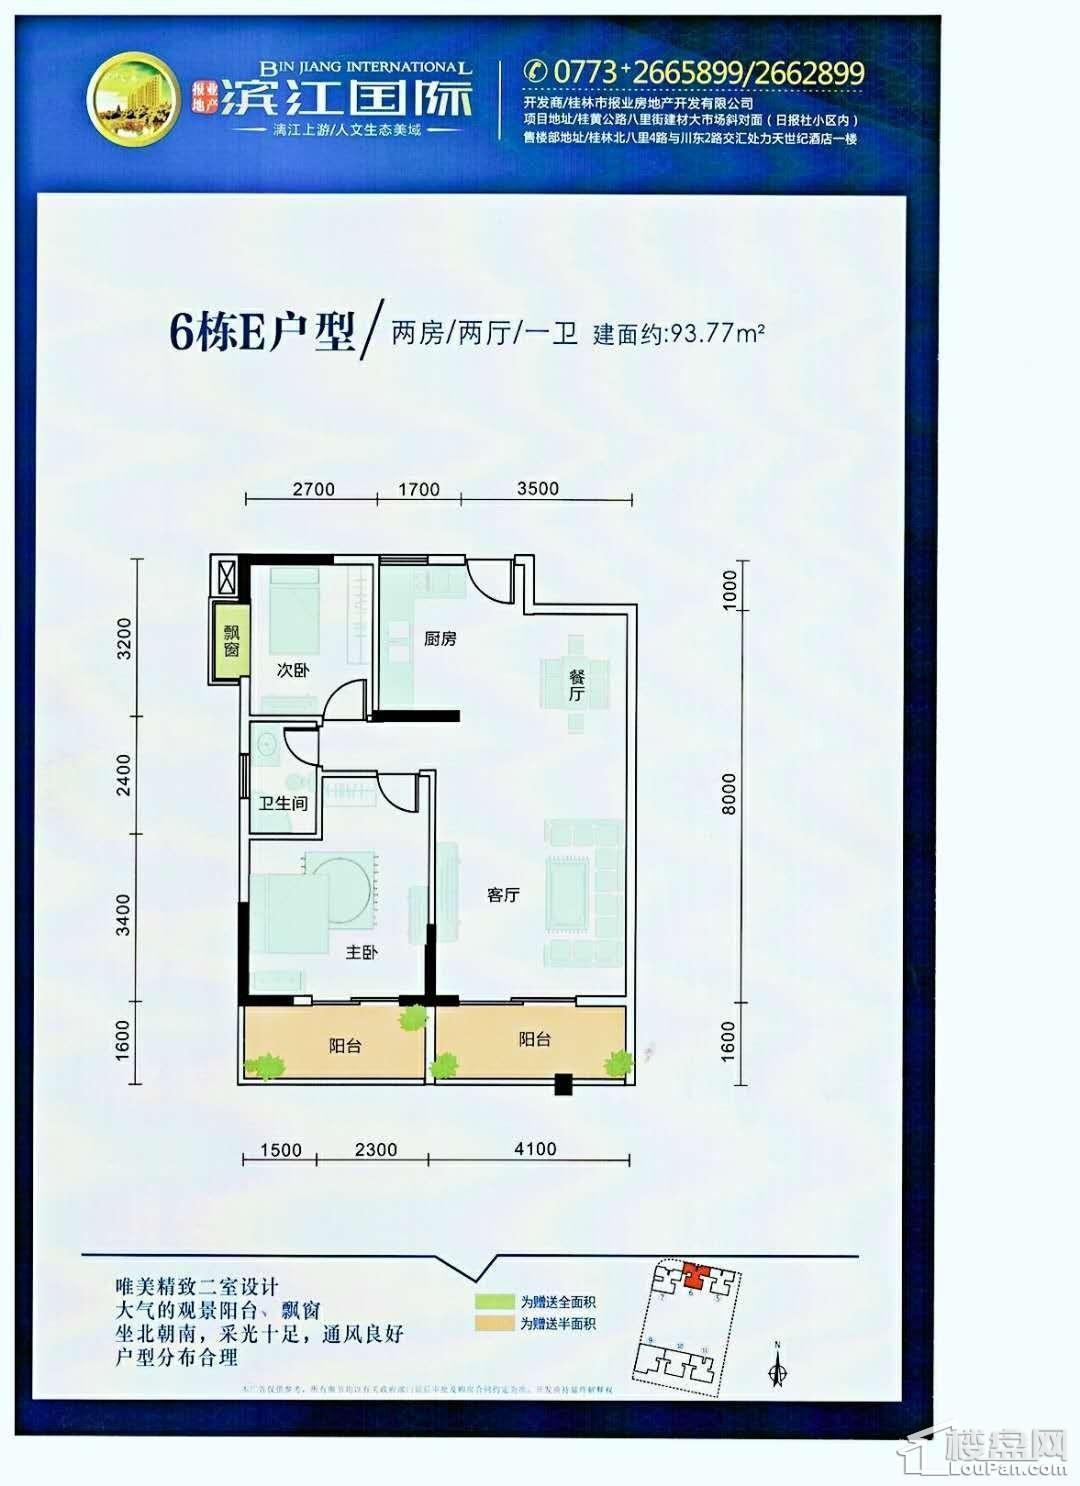 滨江国际桂林日报社小区 -6#E户型